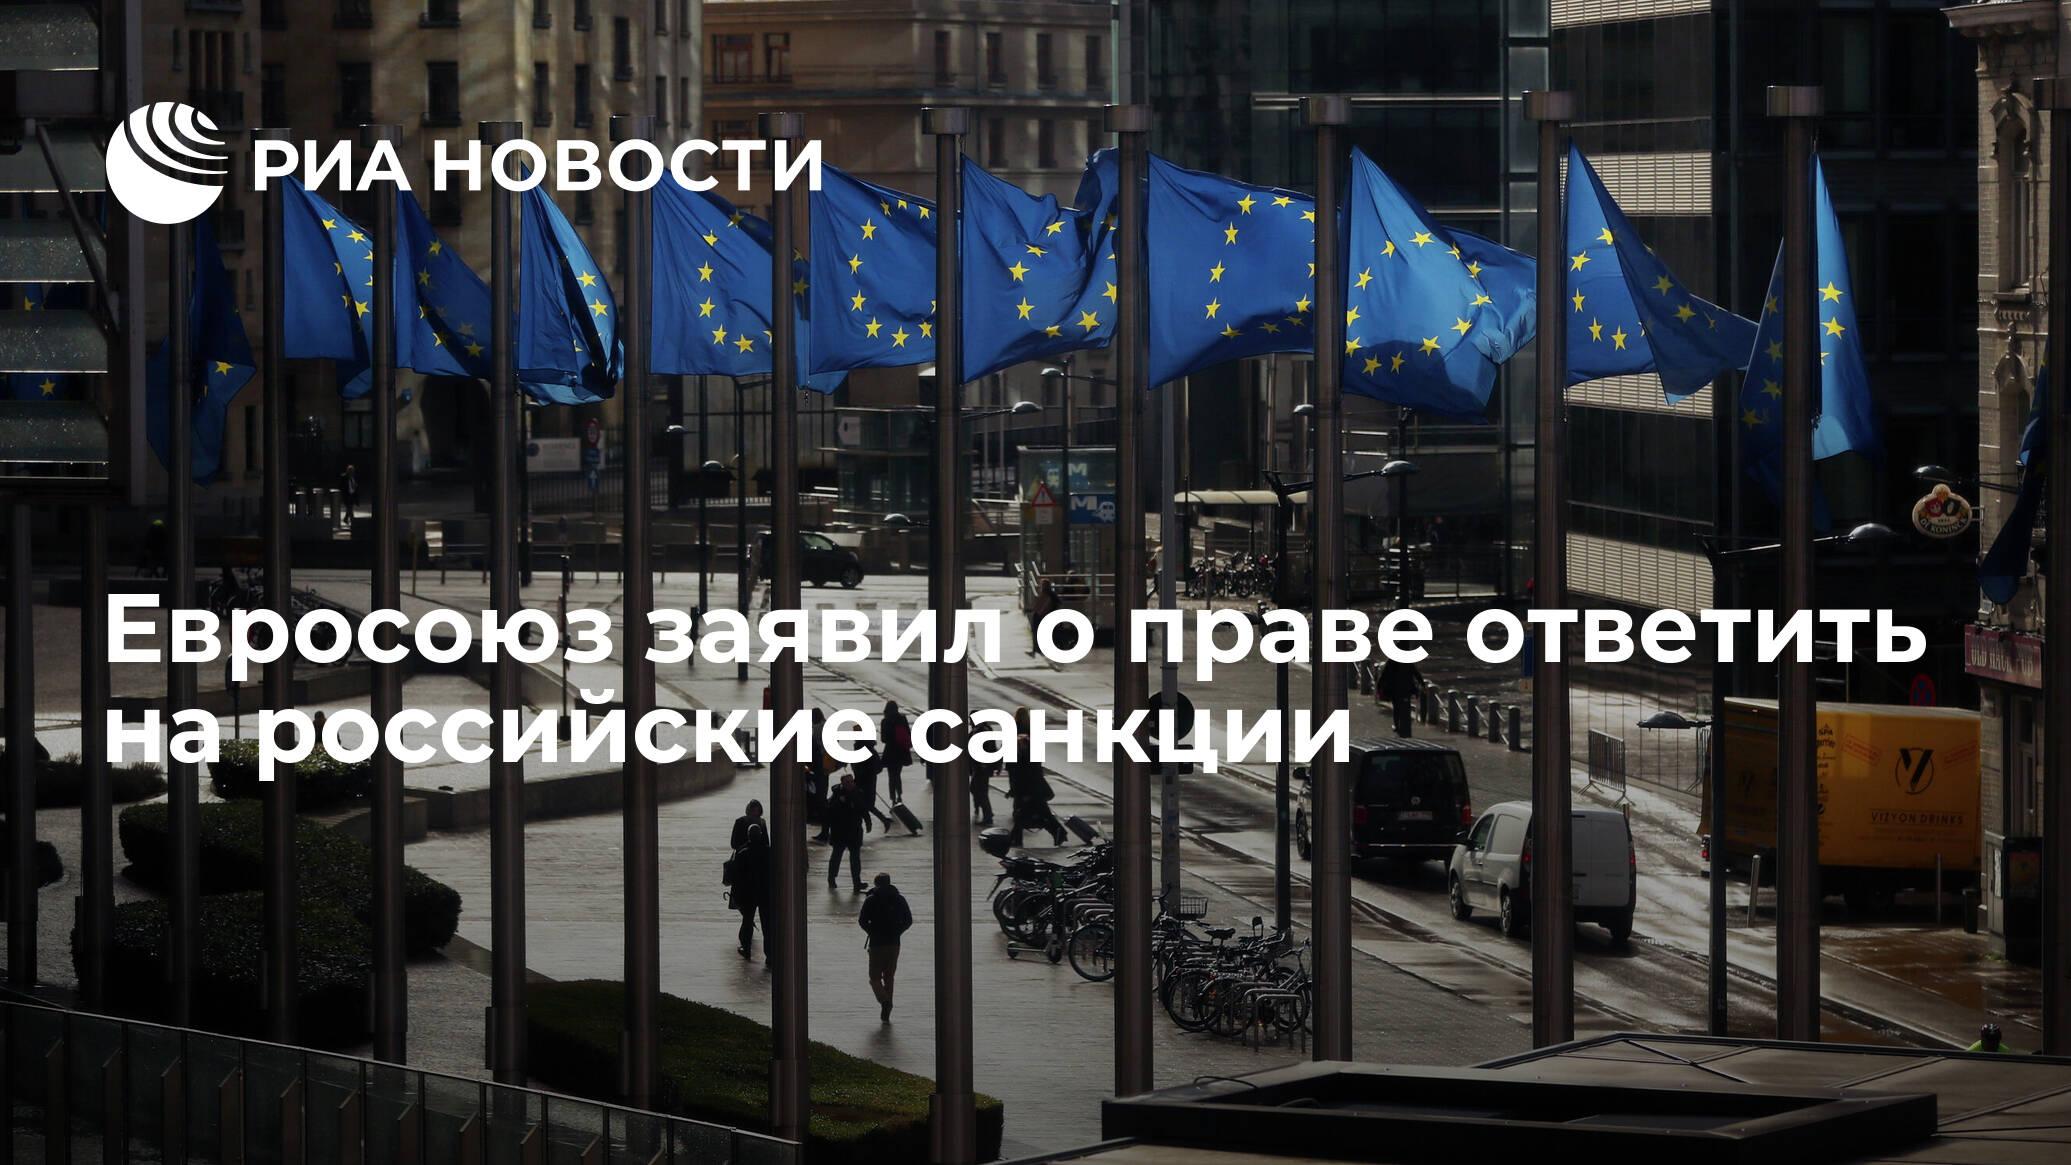 Евросоюз заявил о праве ответить на российские санкции